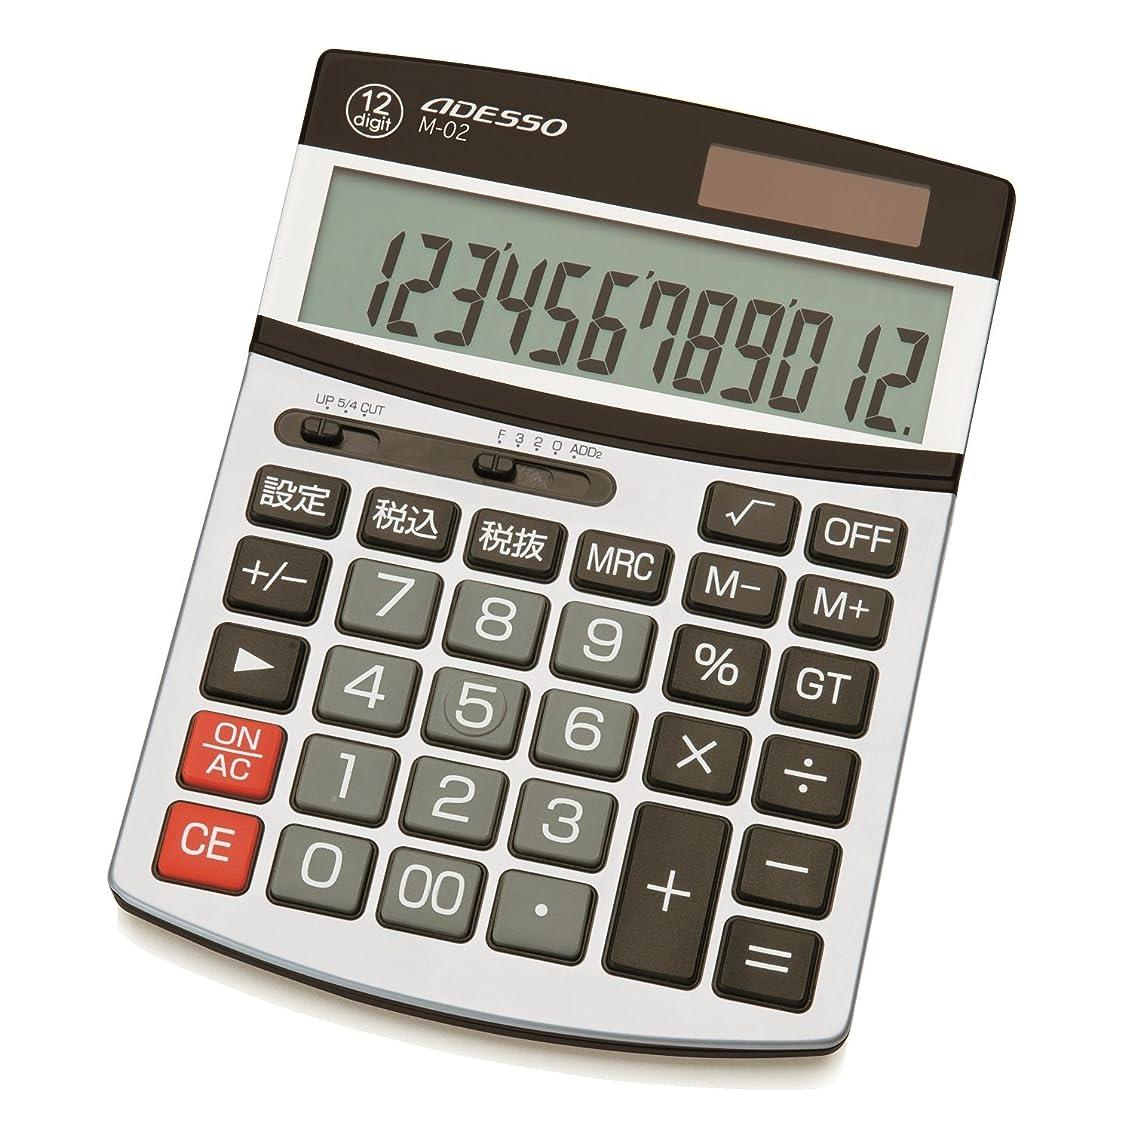 エントリニンニクぶどうアデッソ 電卓 ビッグディスプレイ セミデスク 12桁 M-02